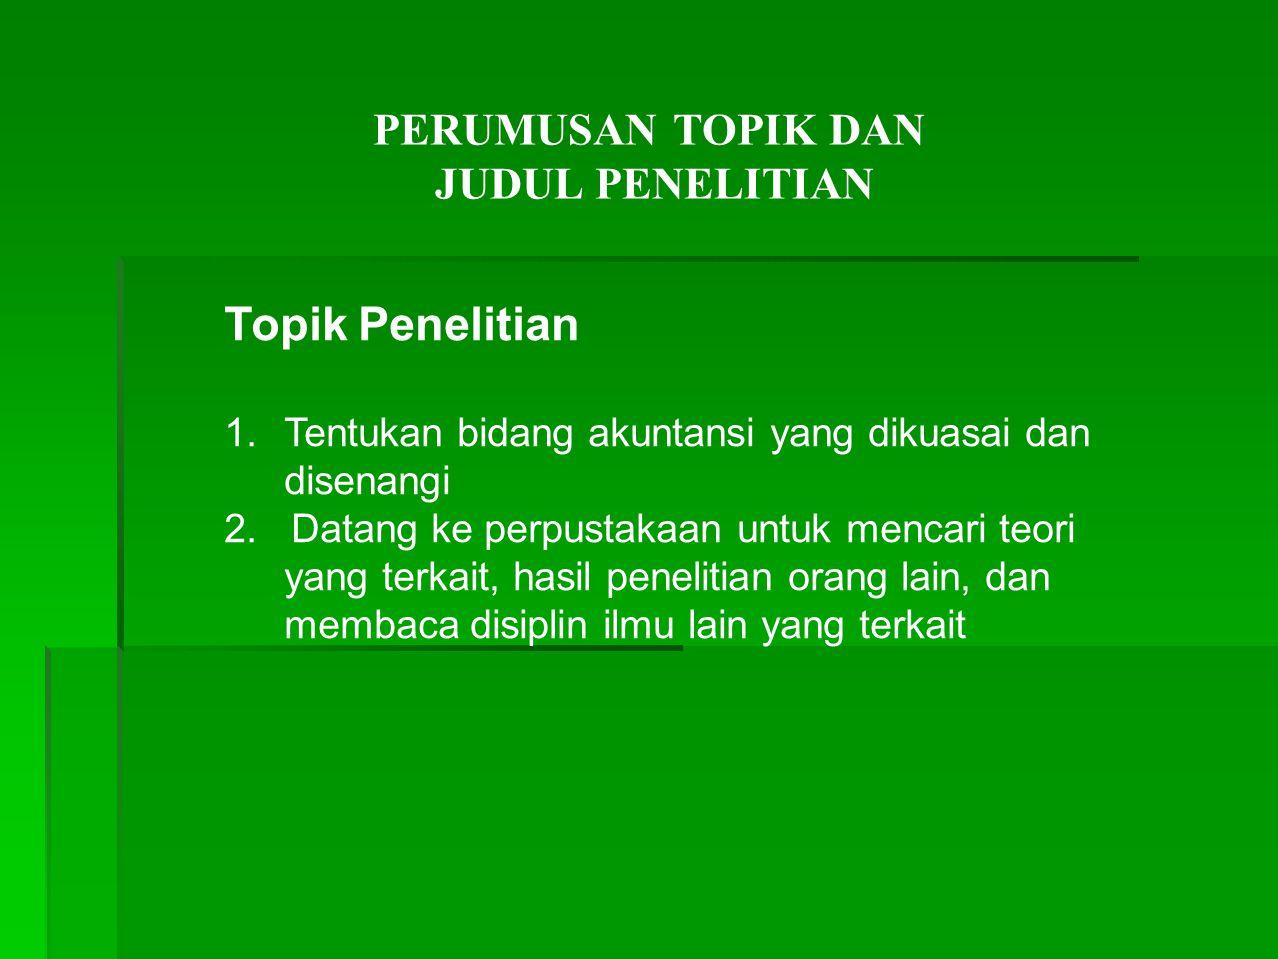 Topik Penelitian PERUMUSAN TOPIK DAN JUDUL PENELITIAN